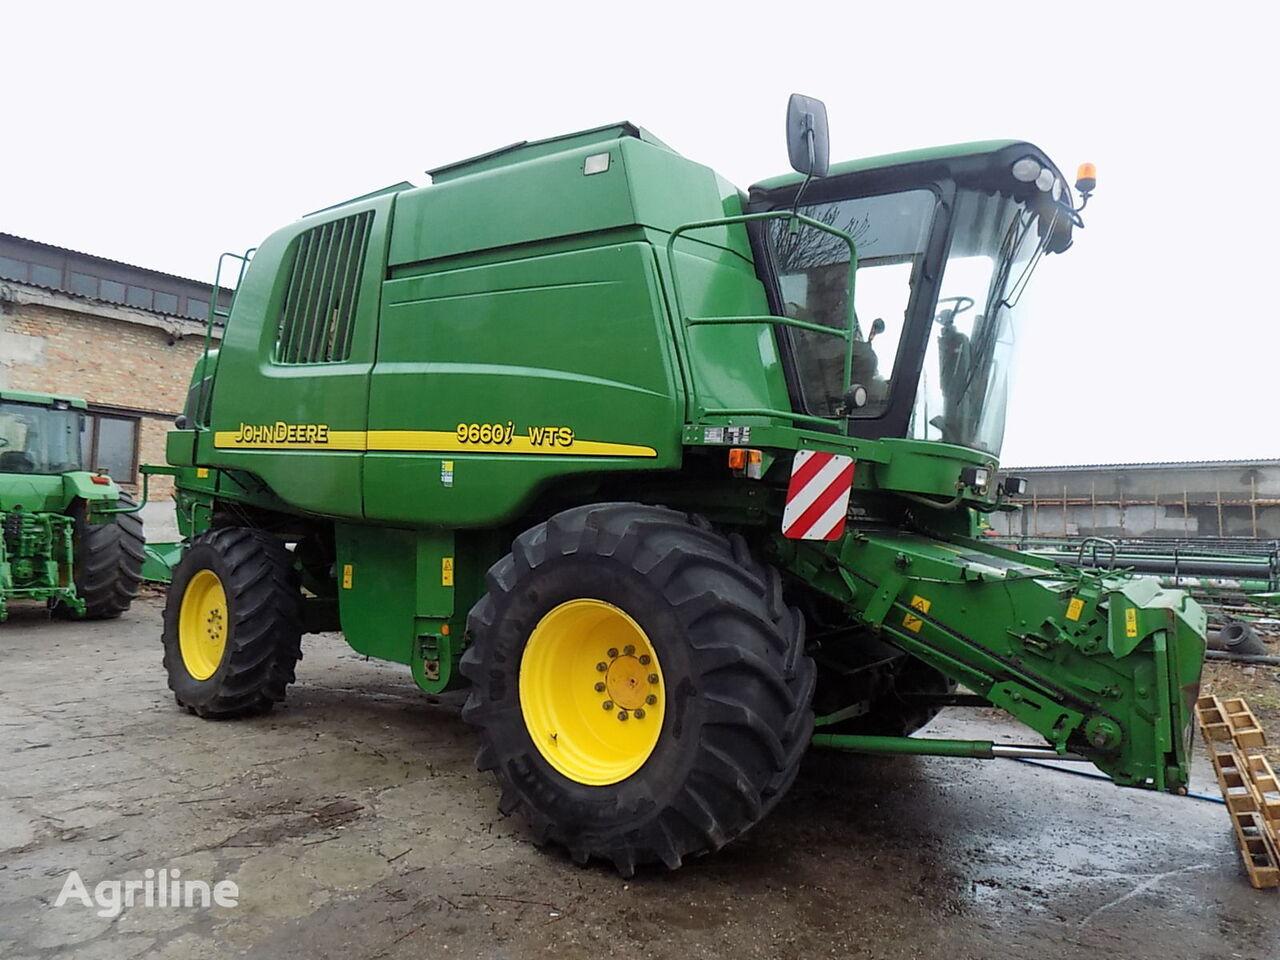 JOHN DEERE 9500 WTS NA RAZBORKE combine-harvester